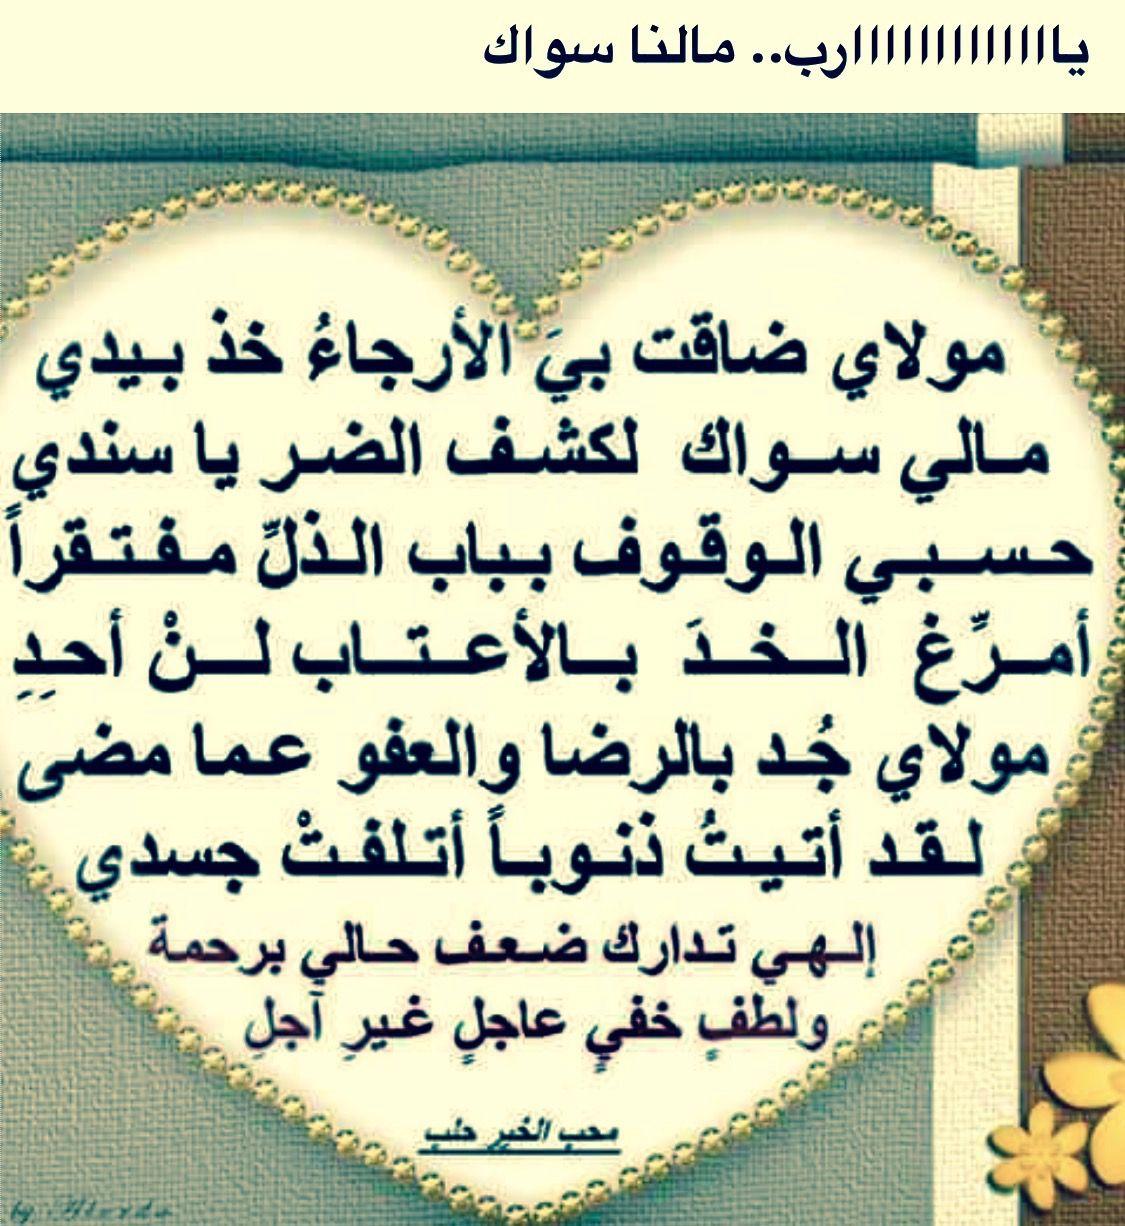 Desertrose Yaa Rabb Islam Arabic Calligraphy